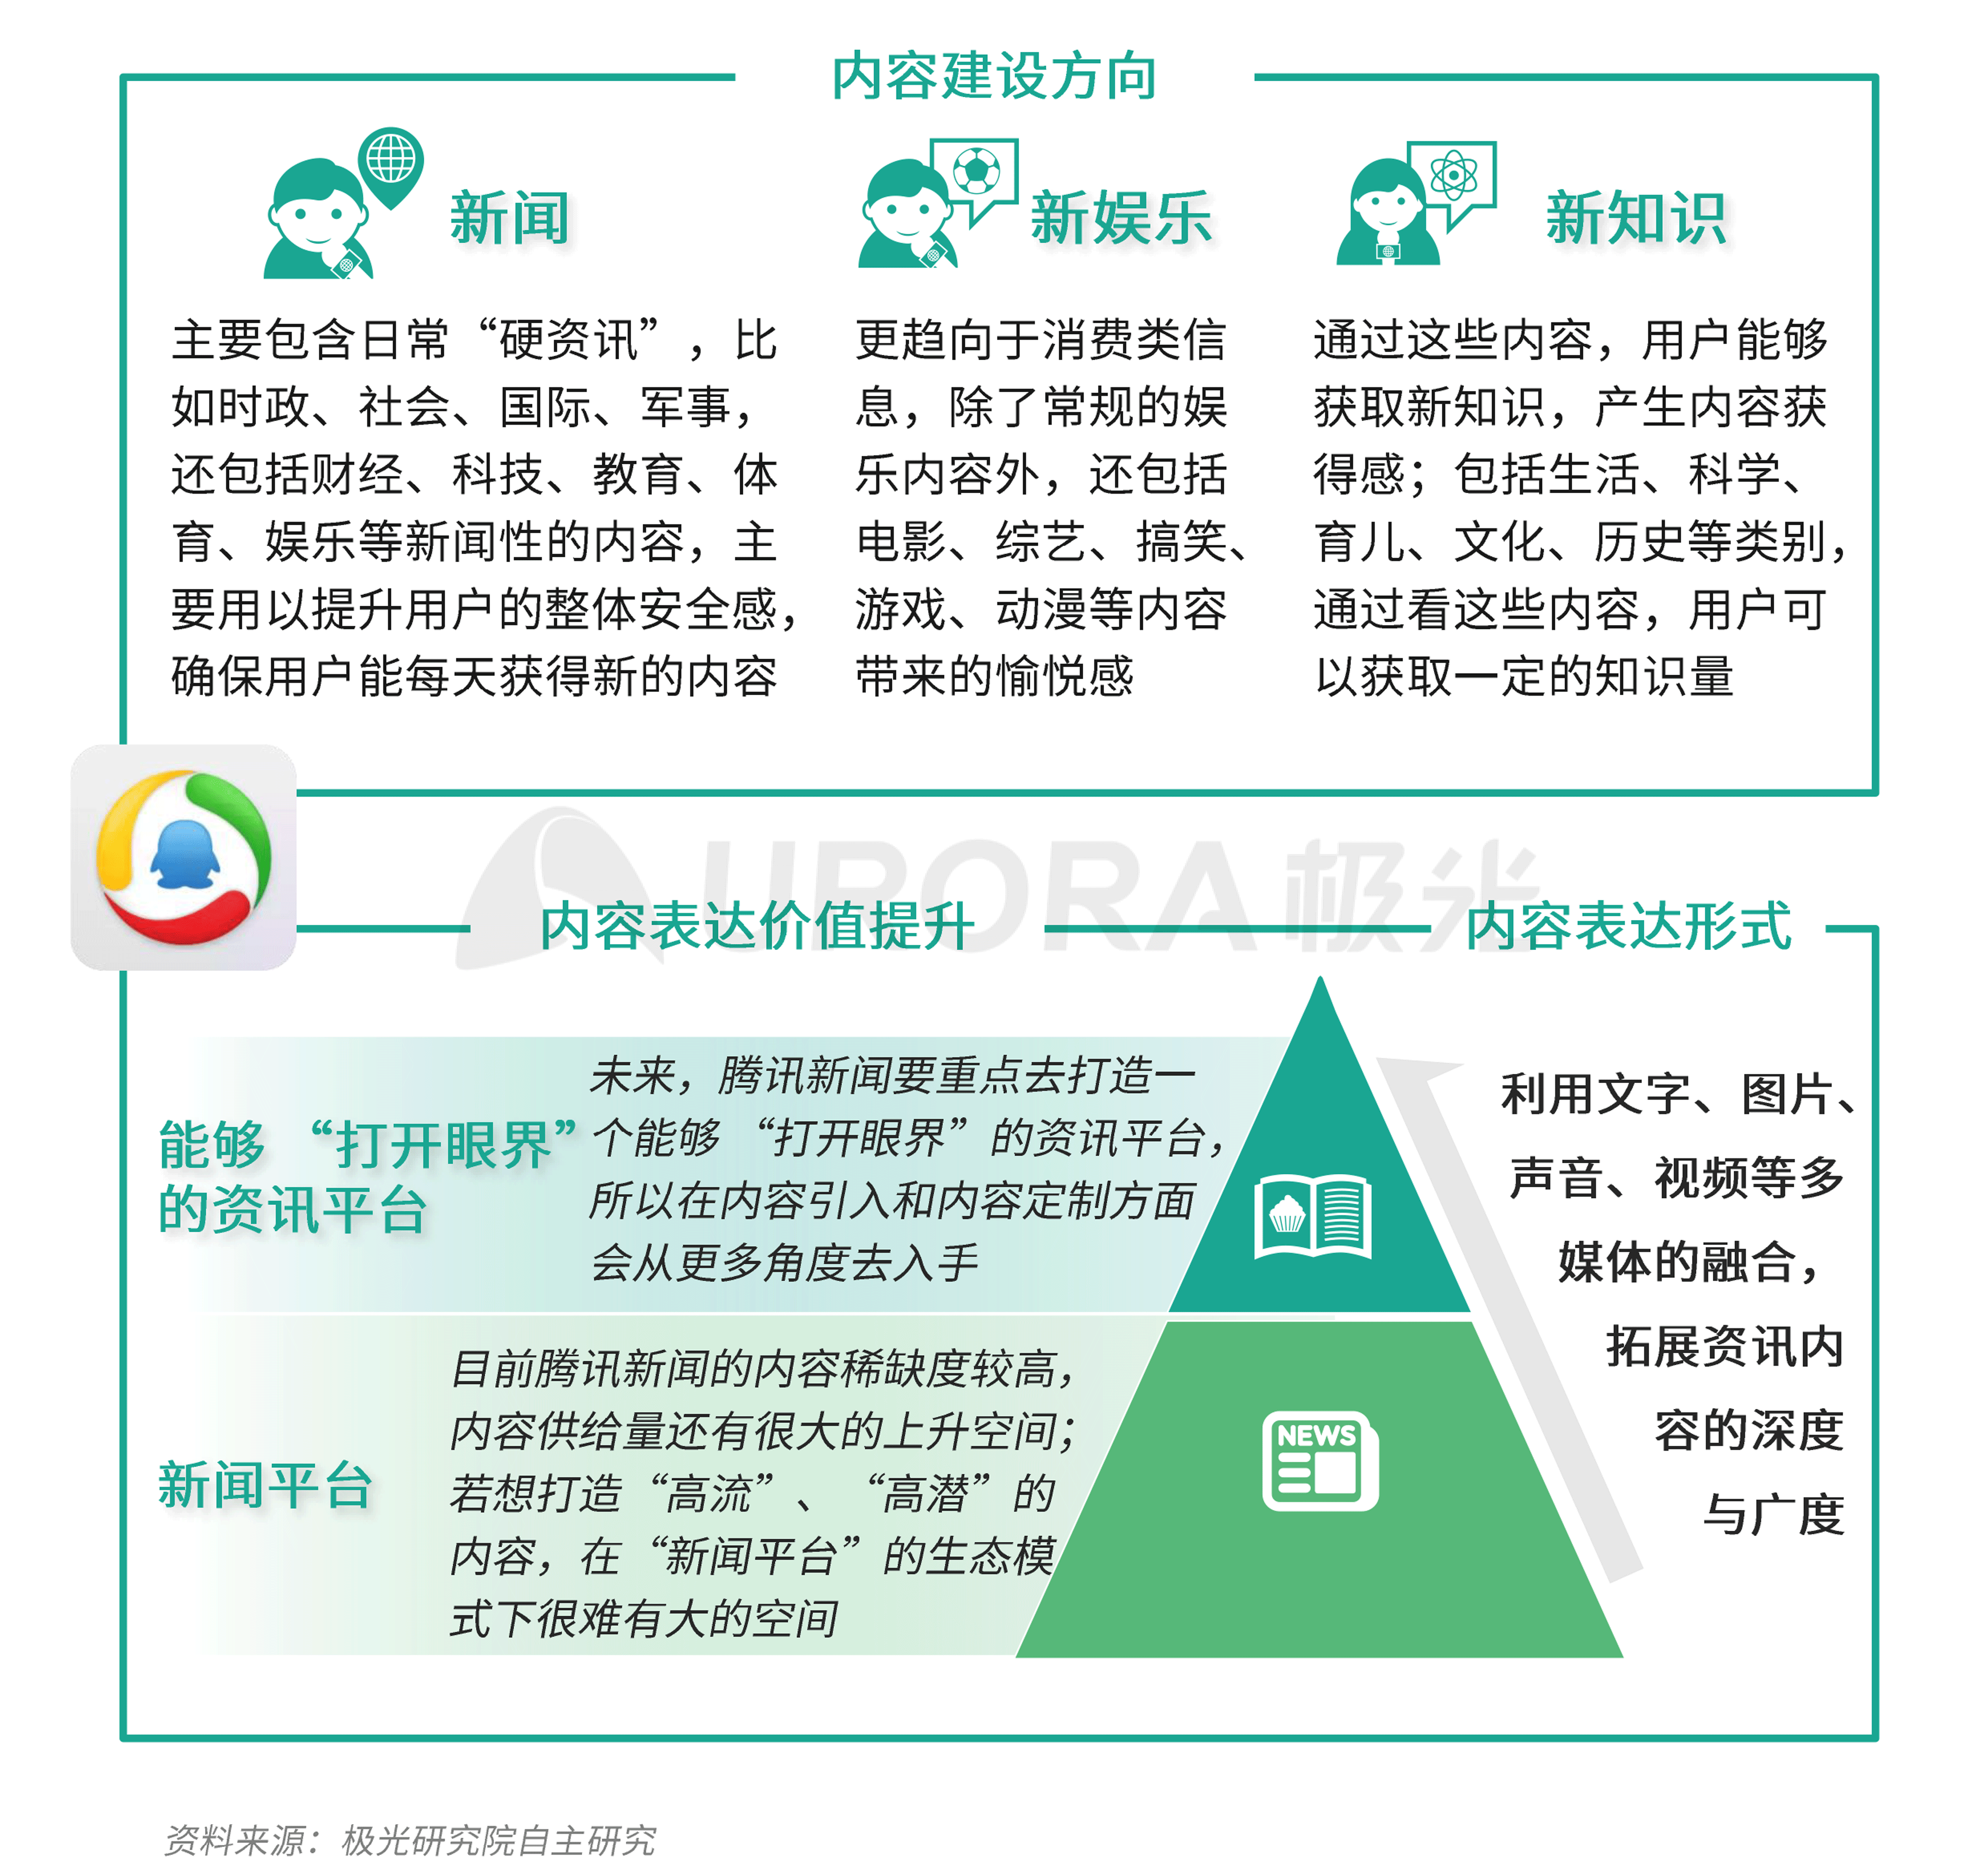 极光:新资讯行业系列报告--内容篇 (6).png